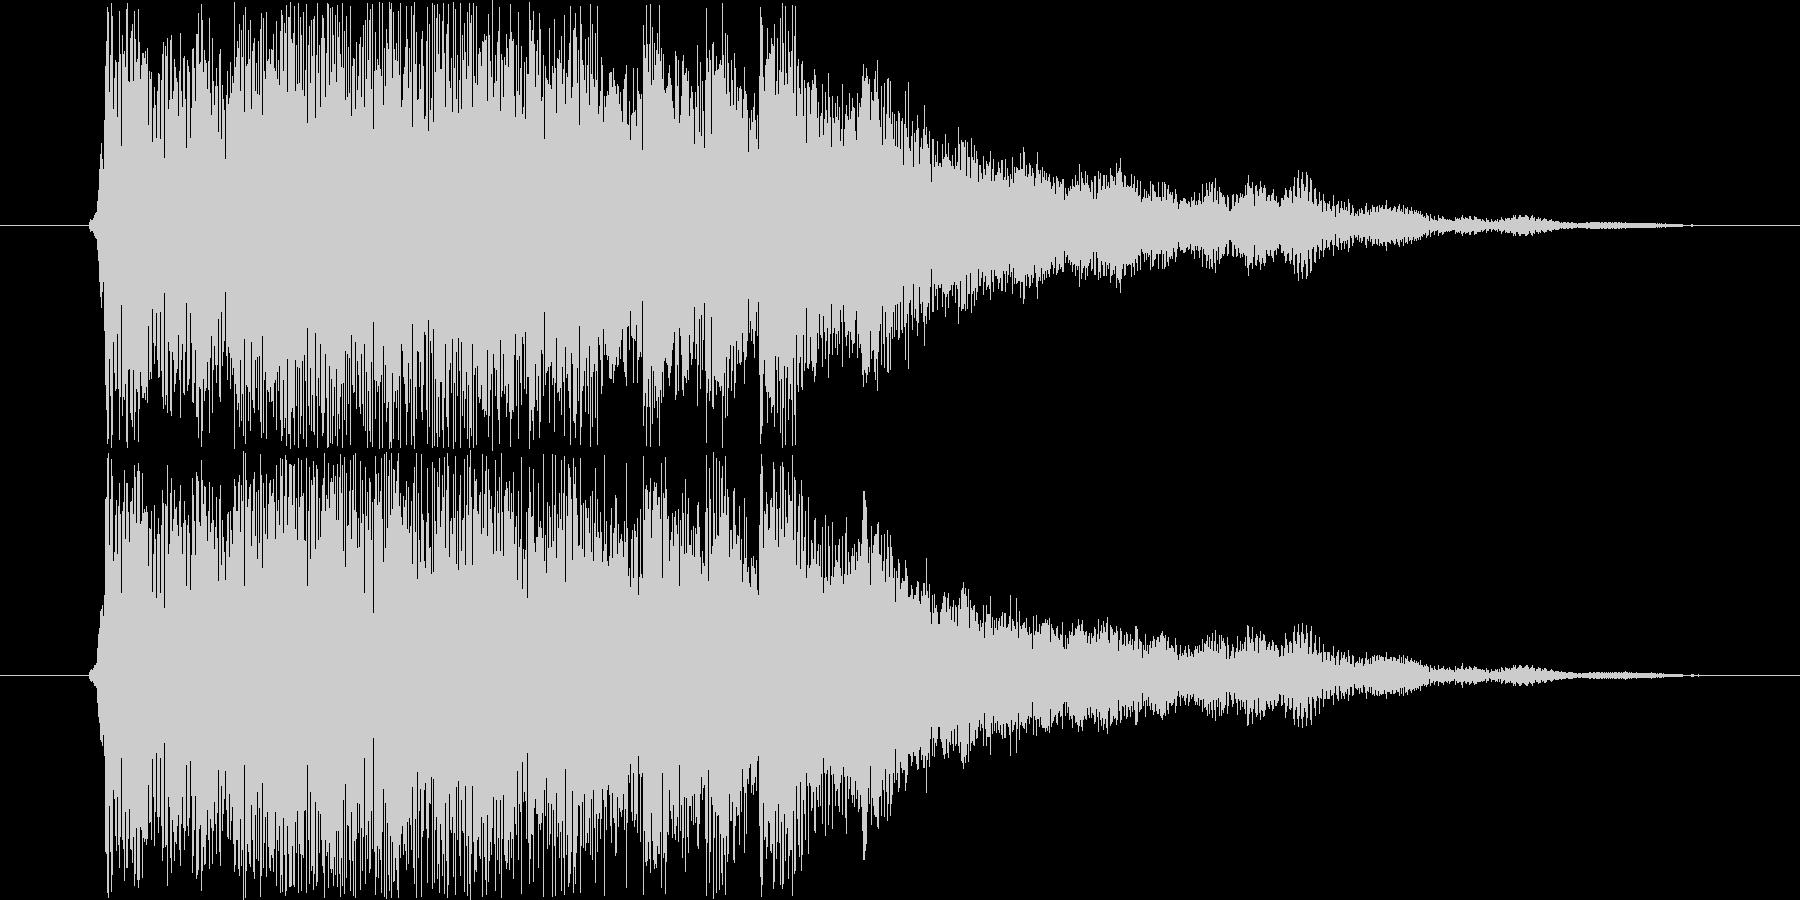 7秒間、ベルとストリングスが爽やかなメ…の未再生の波形